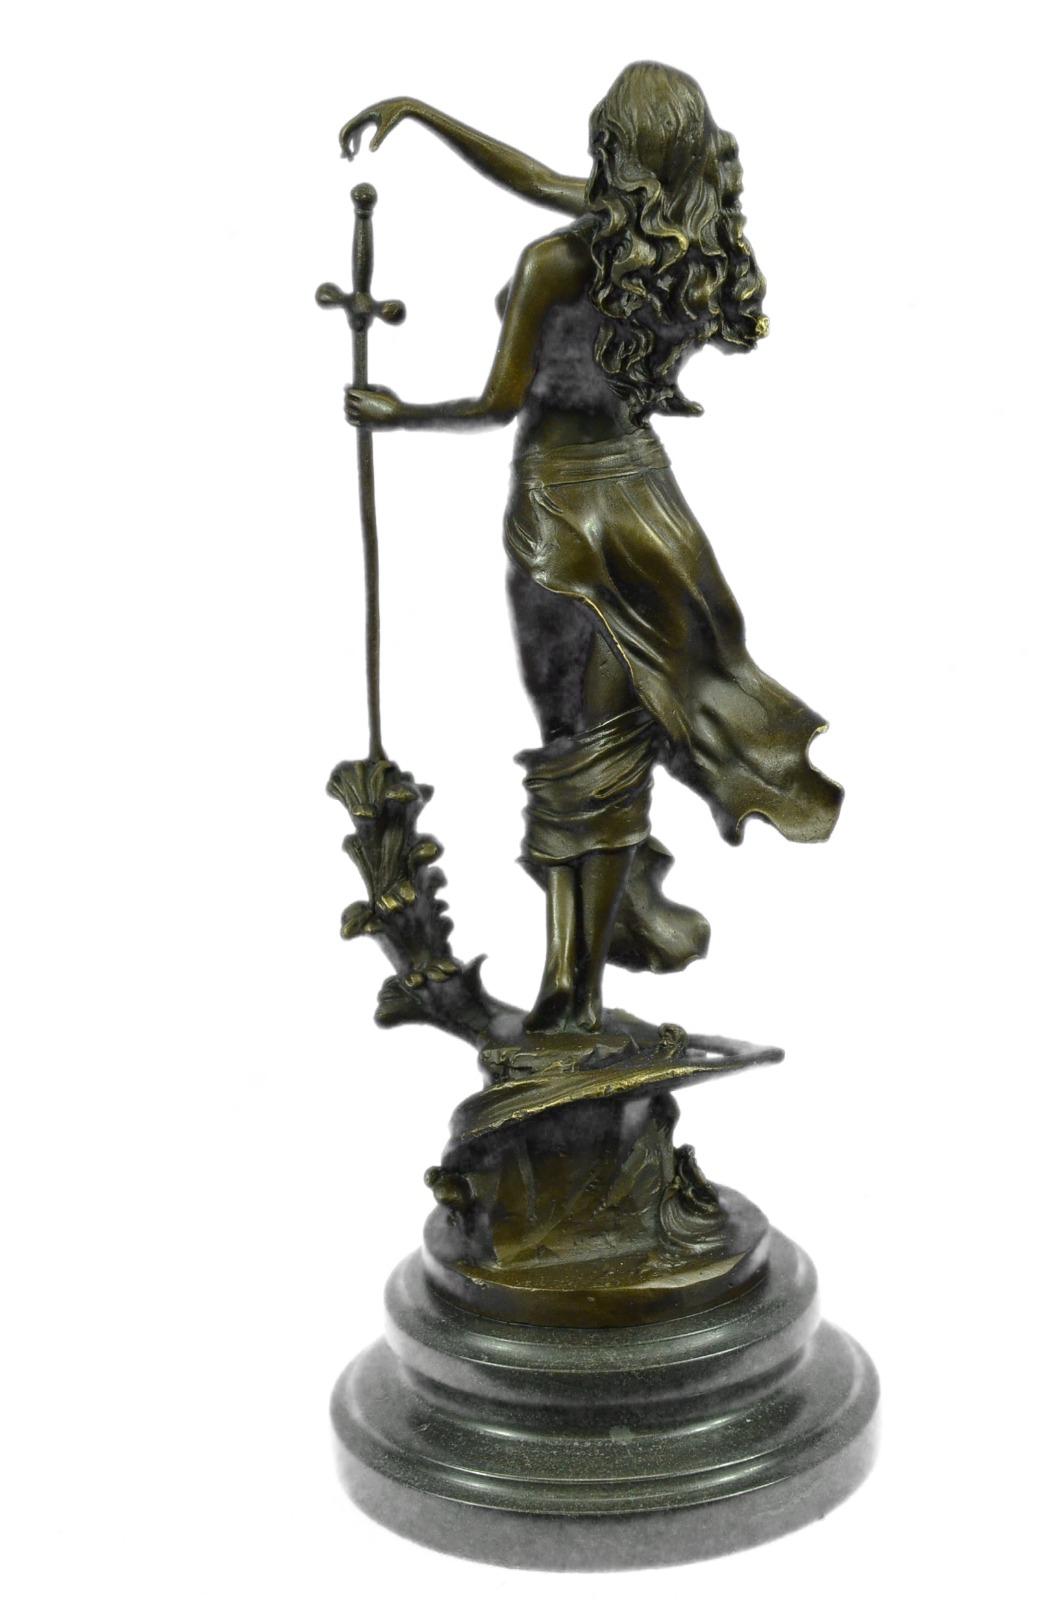 Original Justice Lady Nude Female Bronze Sculpture